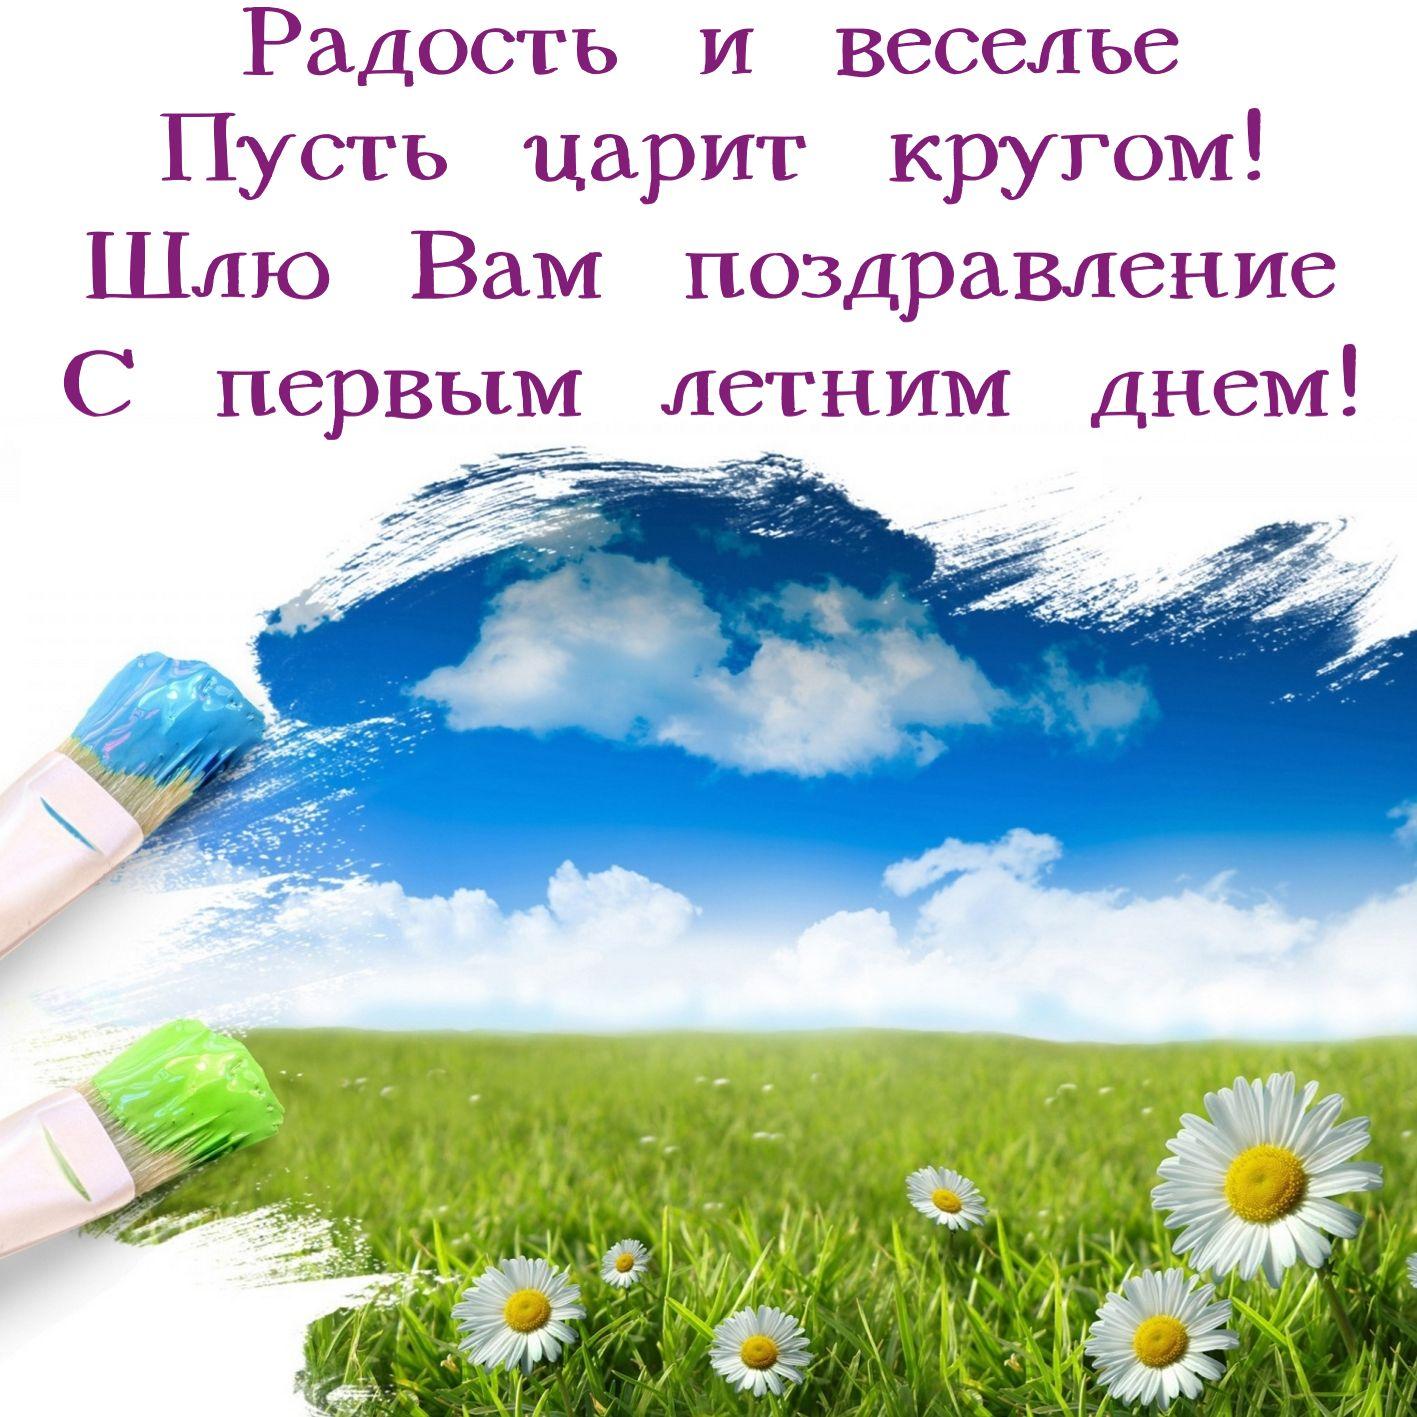 Поздравление с первым летним днем